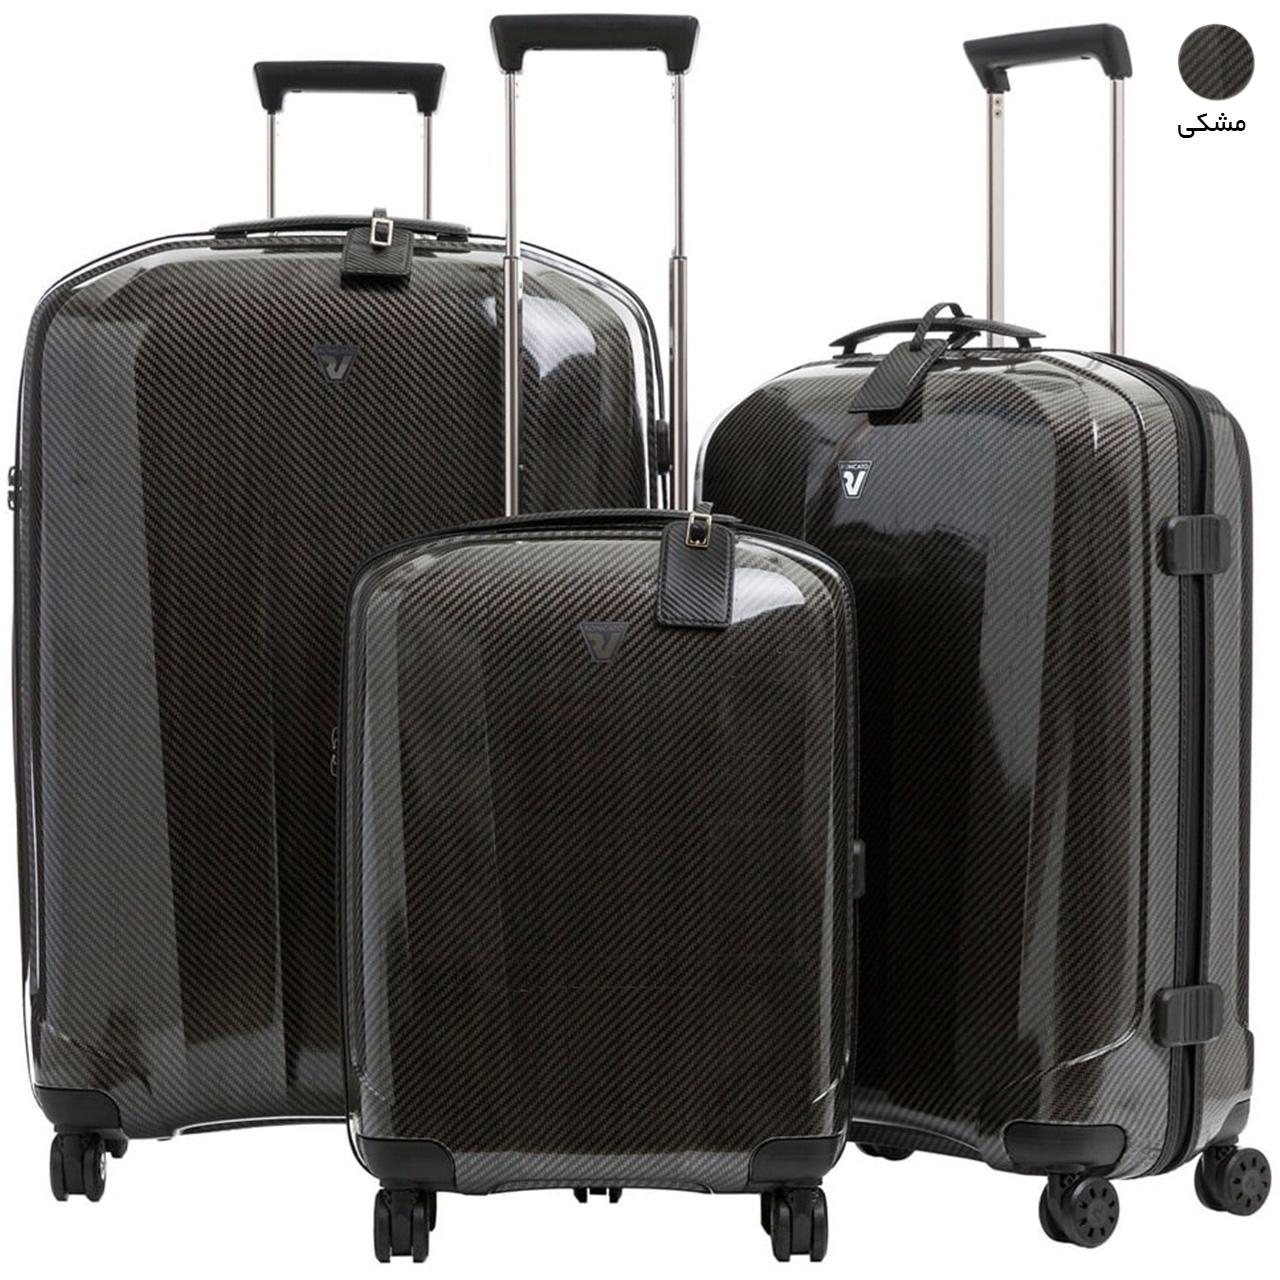 مجموعه سه عددی چمدان رونکاتو مدل 5950 thumb 29